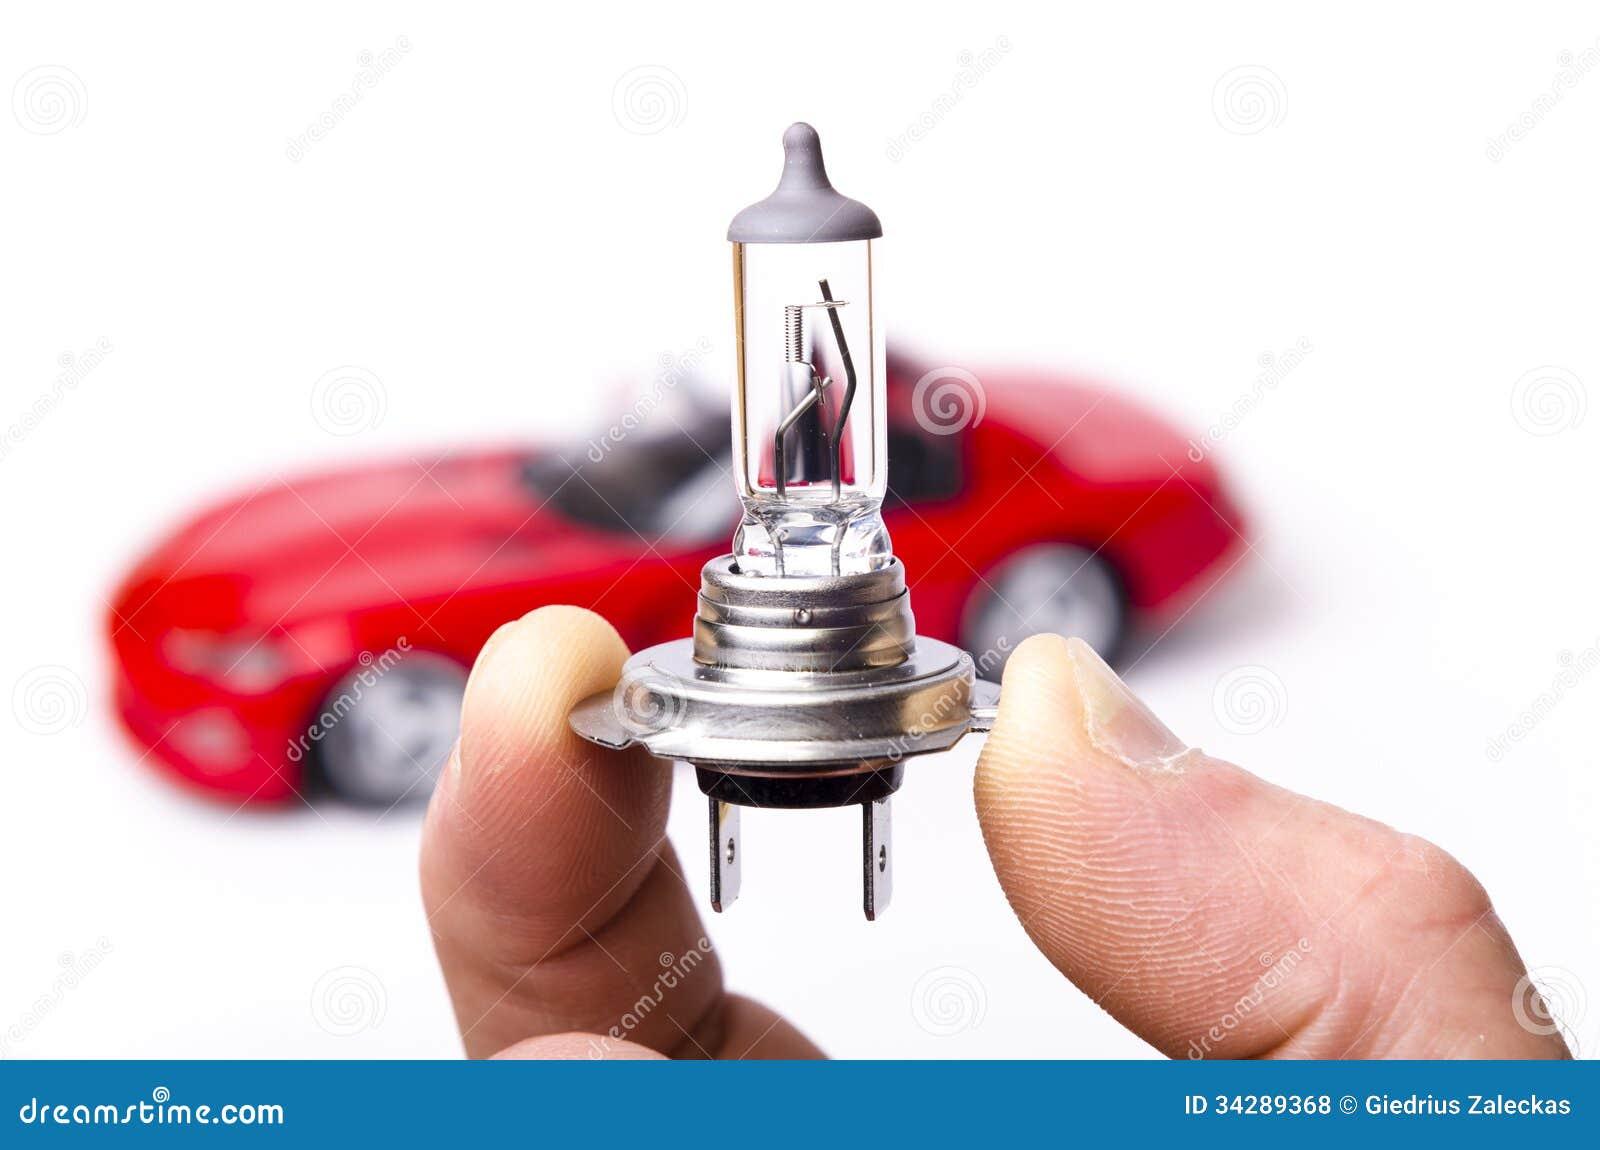 Какие лампочки стоят в противотуманных фарах Hyundai Accent